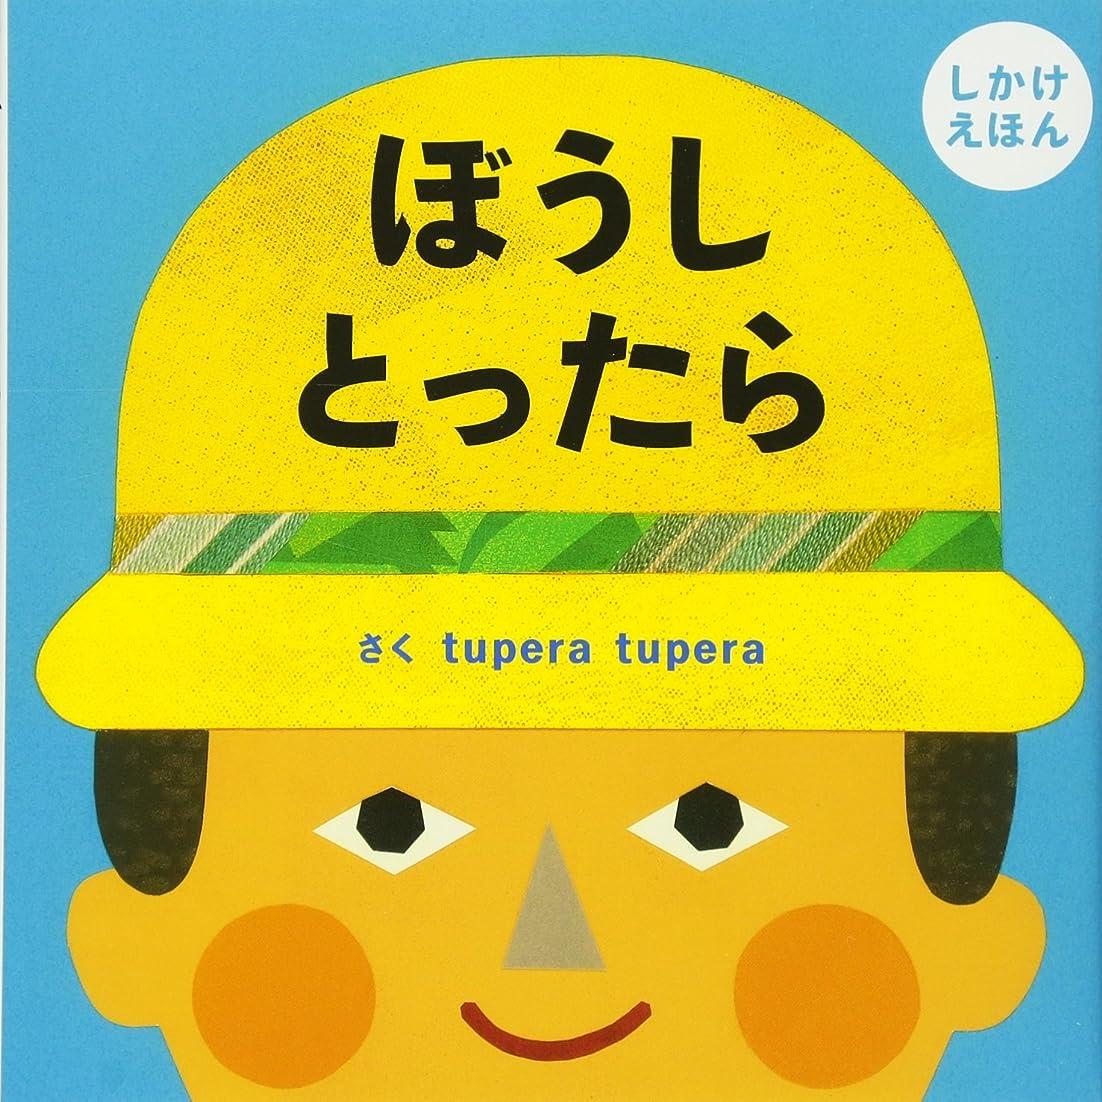 怠惰ご近所ぼうし とったら (PETIT POOKA) 0~3歳児向け 絵本